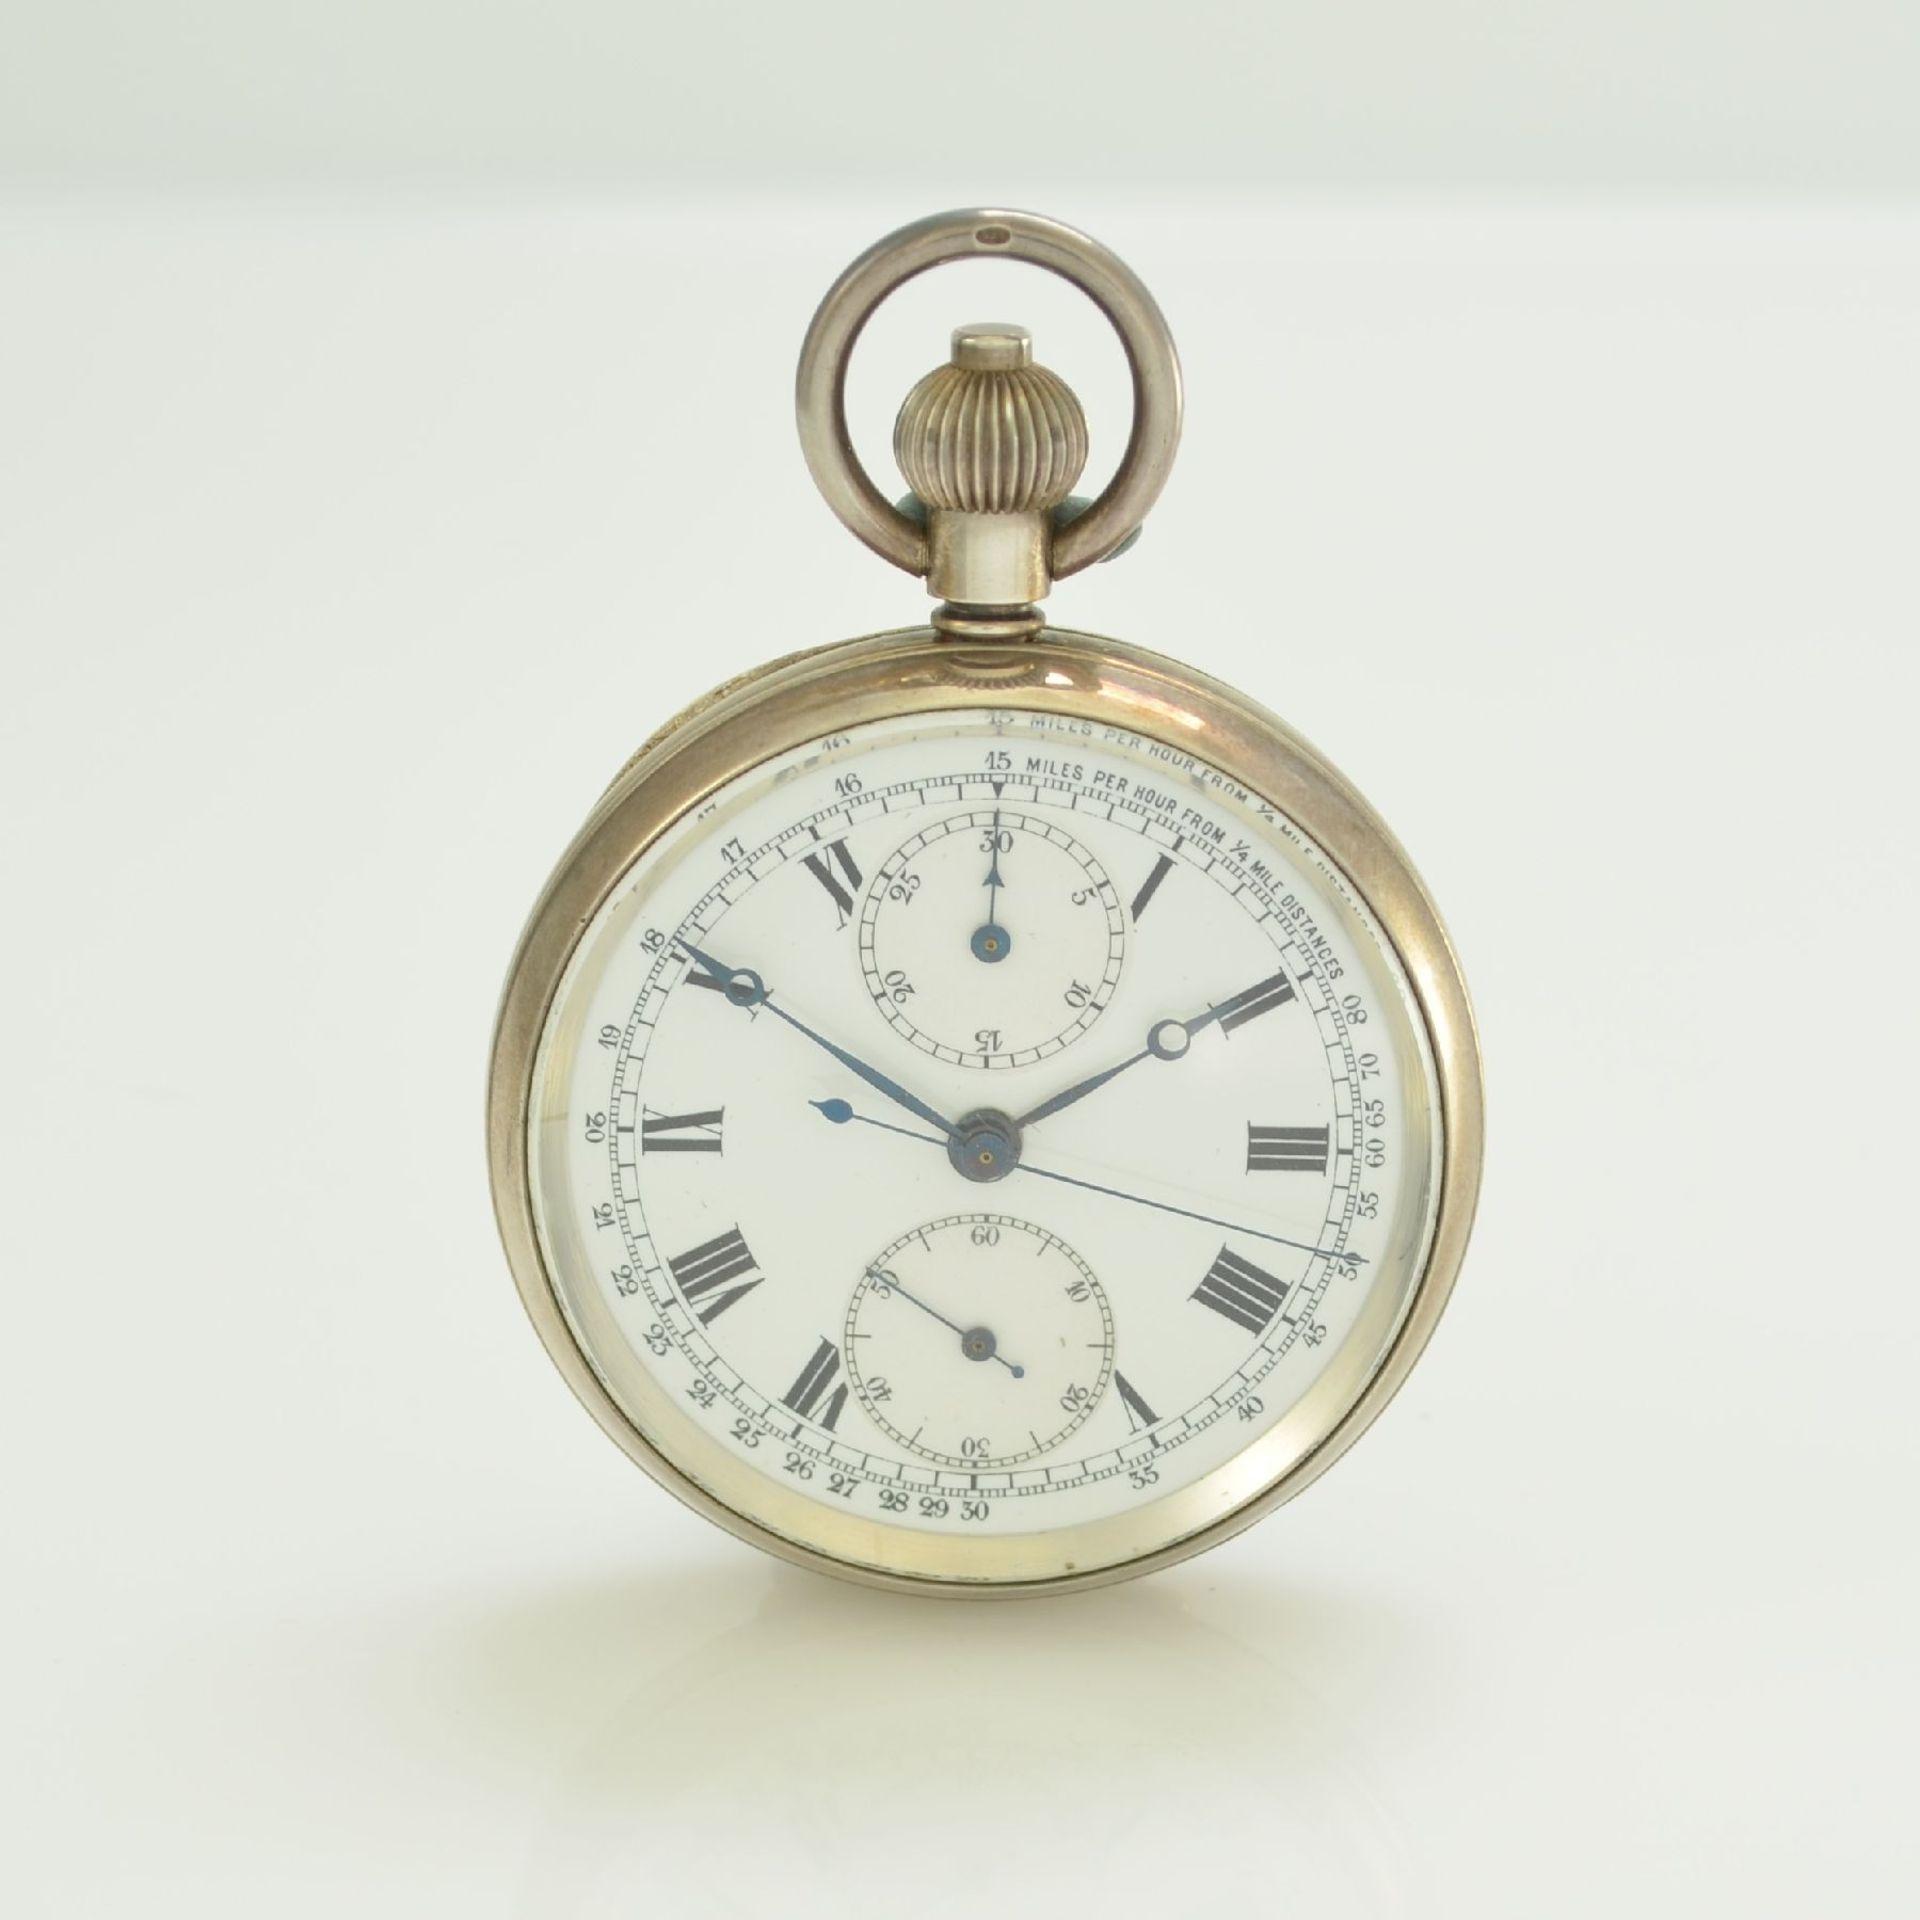 Offene Herrentaschenuhr mit Chronograph in Sterlingsilber, Schweiz um 1910, guill. Geh., aufgedr.